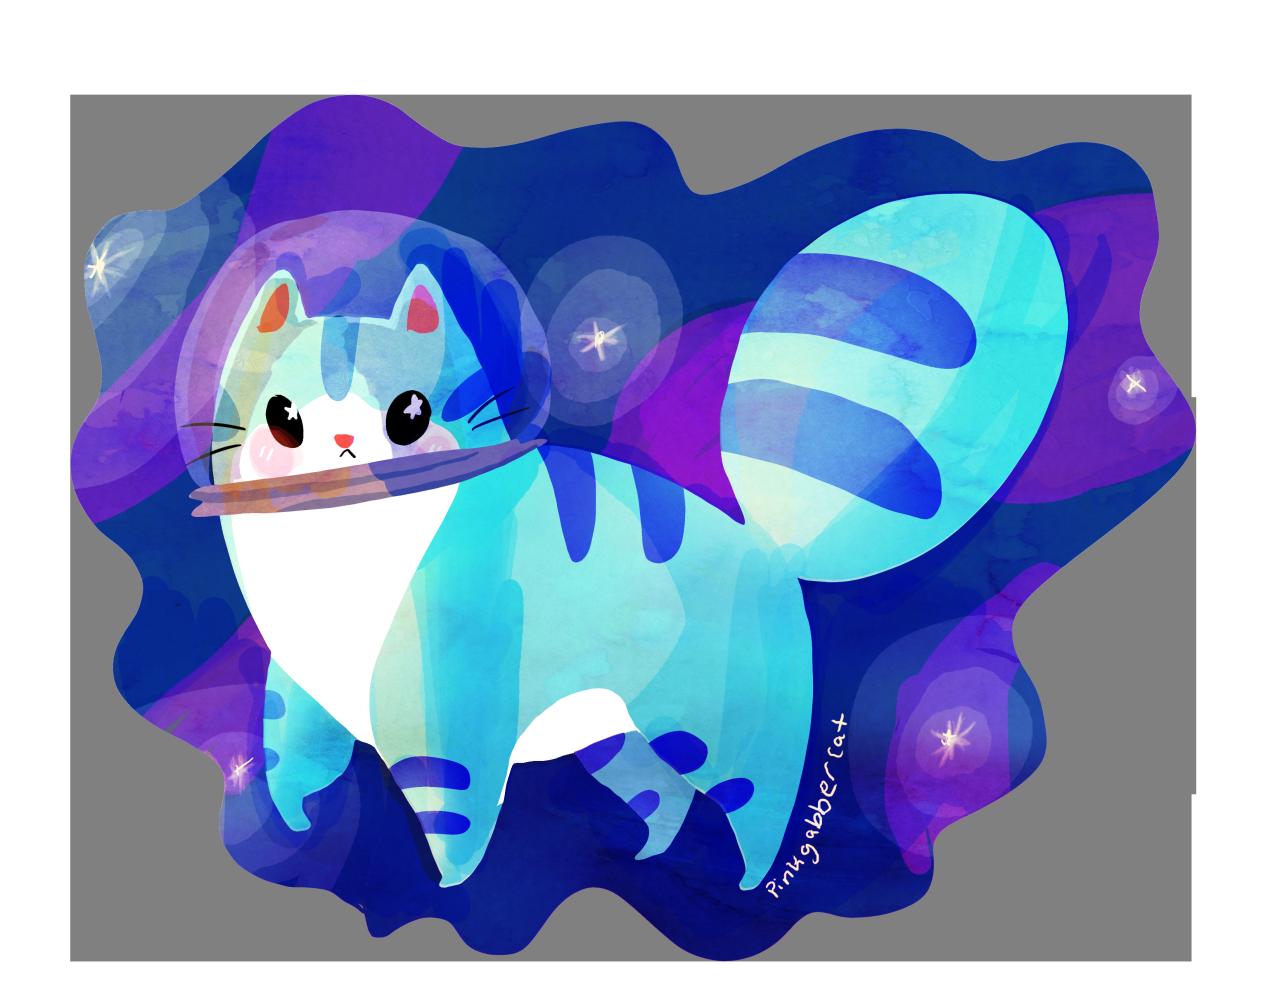 spacecat.png